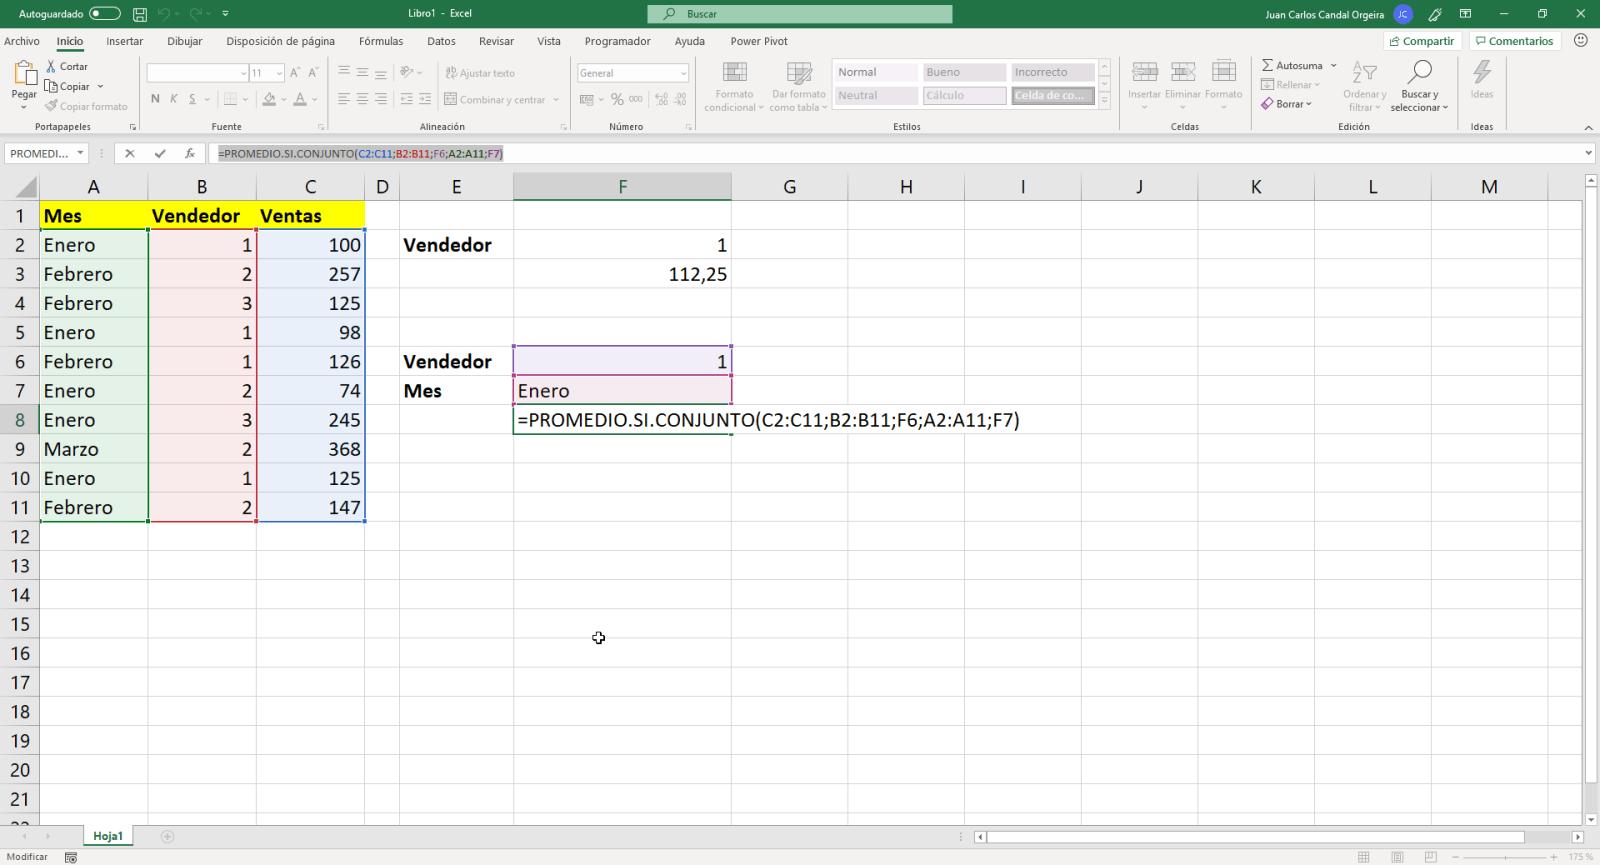 Función promedio.si.conjunto de Excel